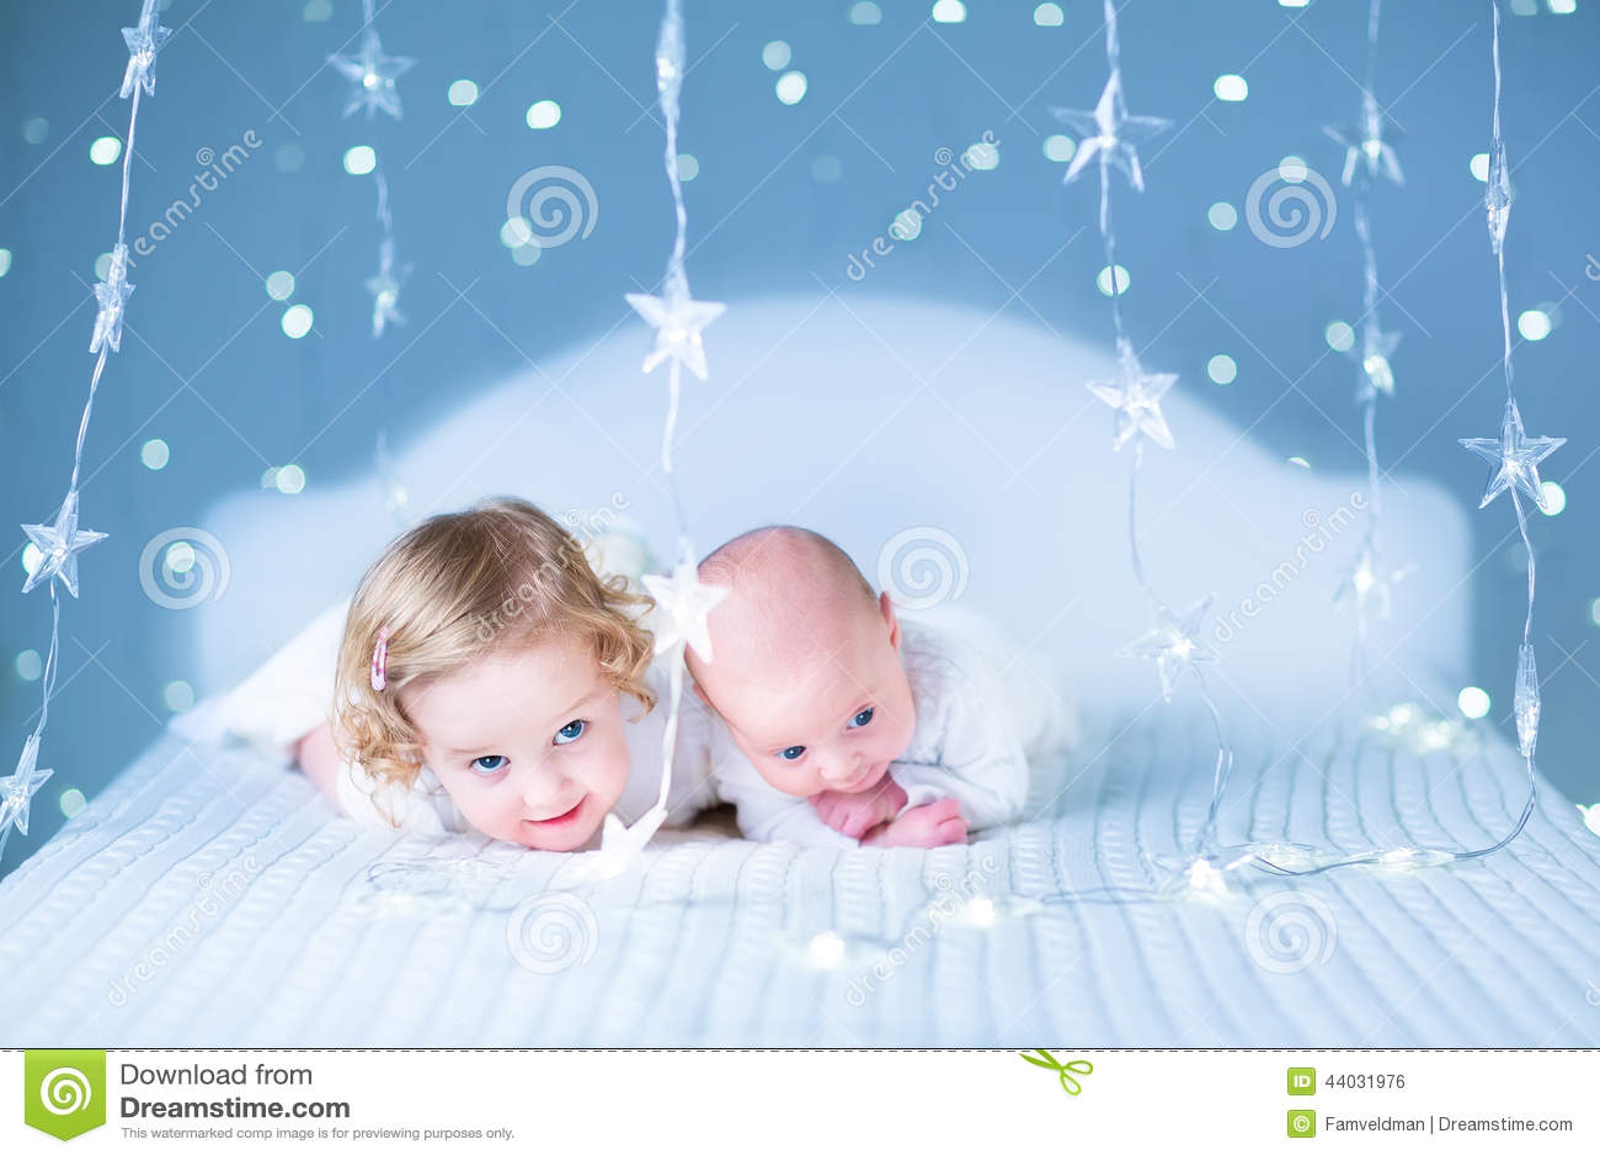 d7da90618dc Niña pequeña adorable y su hermano recién nacido del bebé en luces  alrededor de ellas